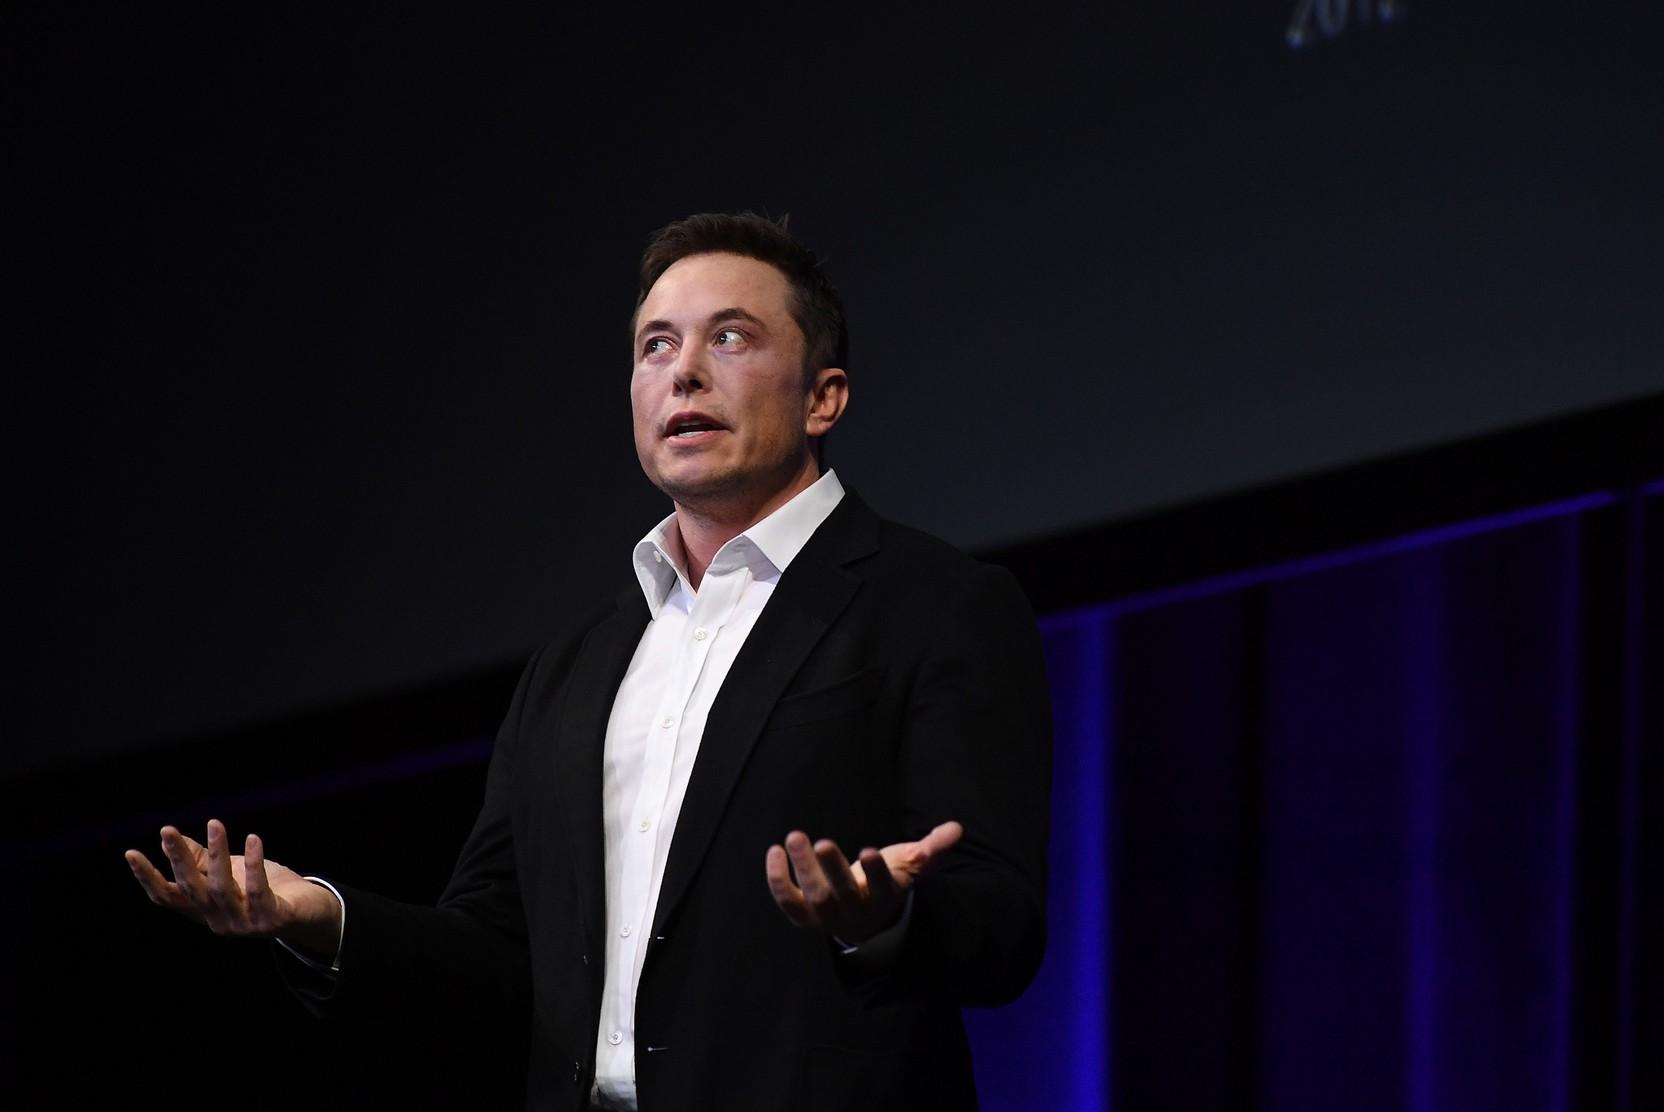 Маск отверг предположения об использовании автомобилей Tesla для шпионажа